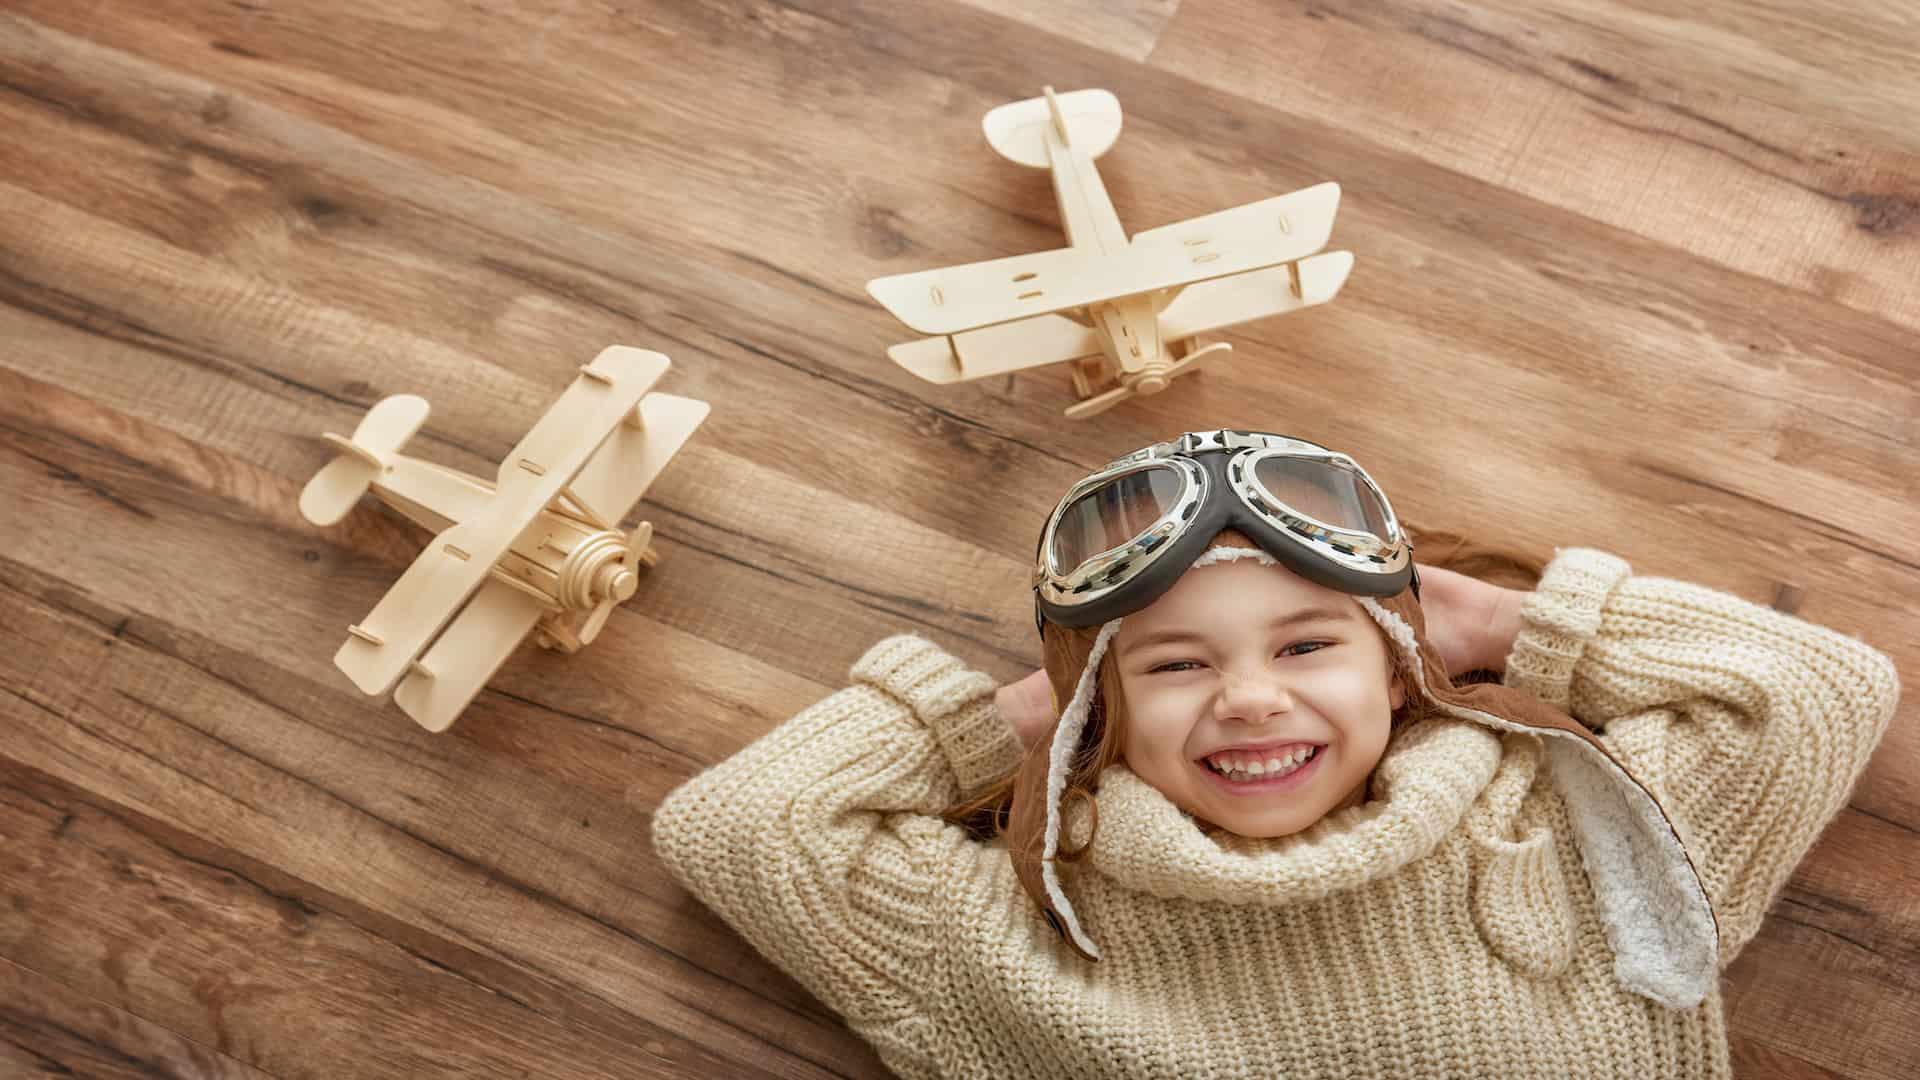 Juguetes de madera: ¿Cuál es el mejor del 2021 ?